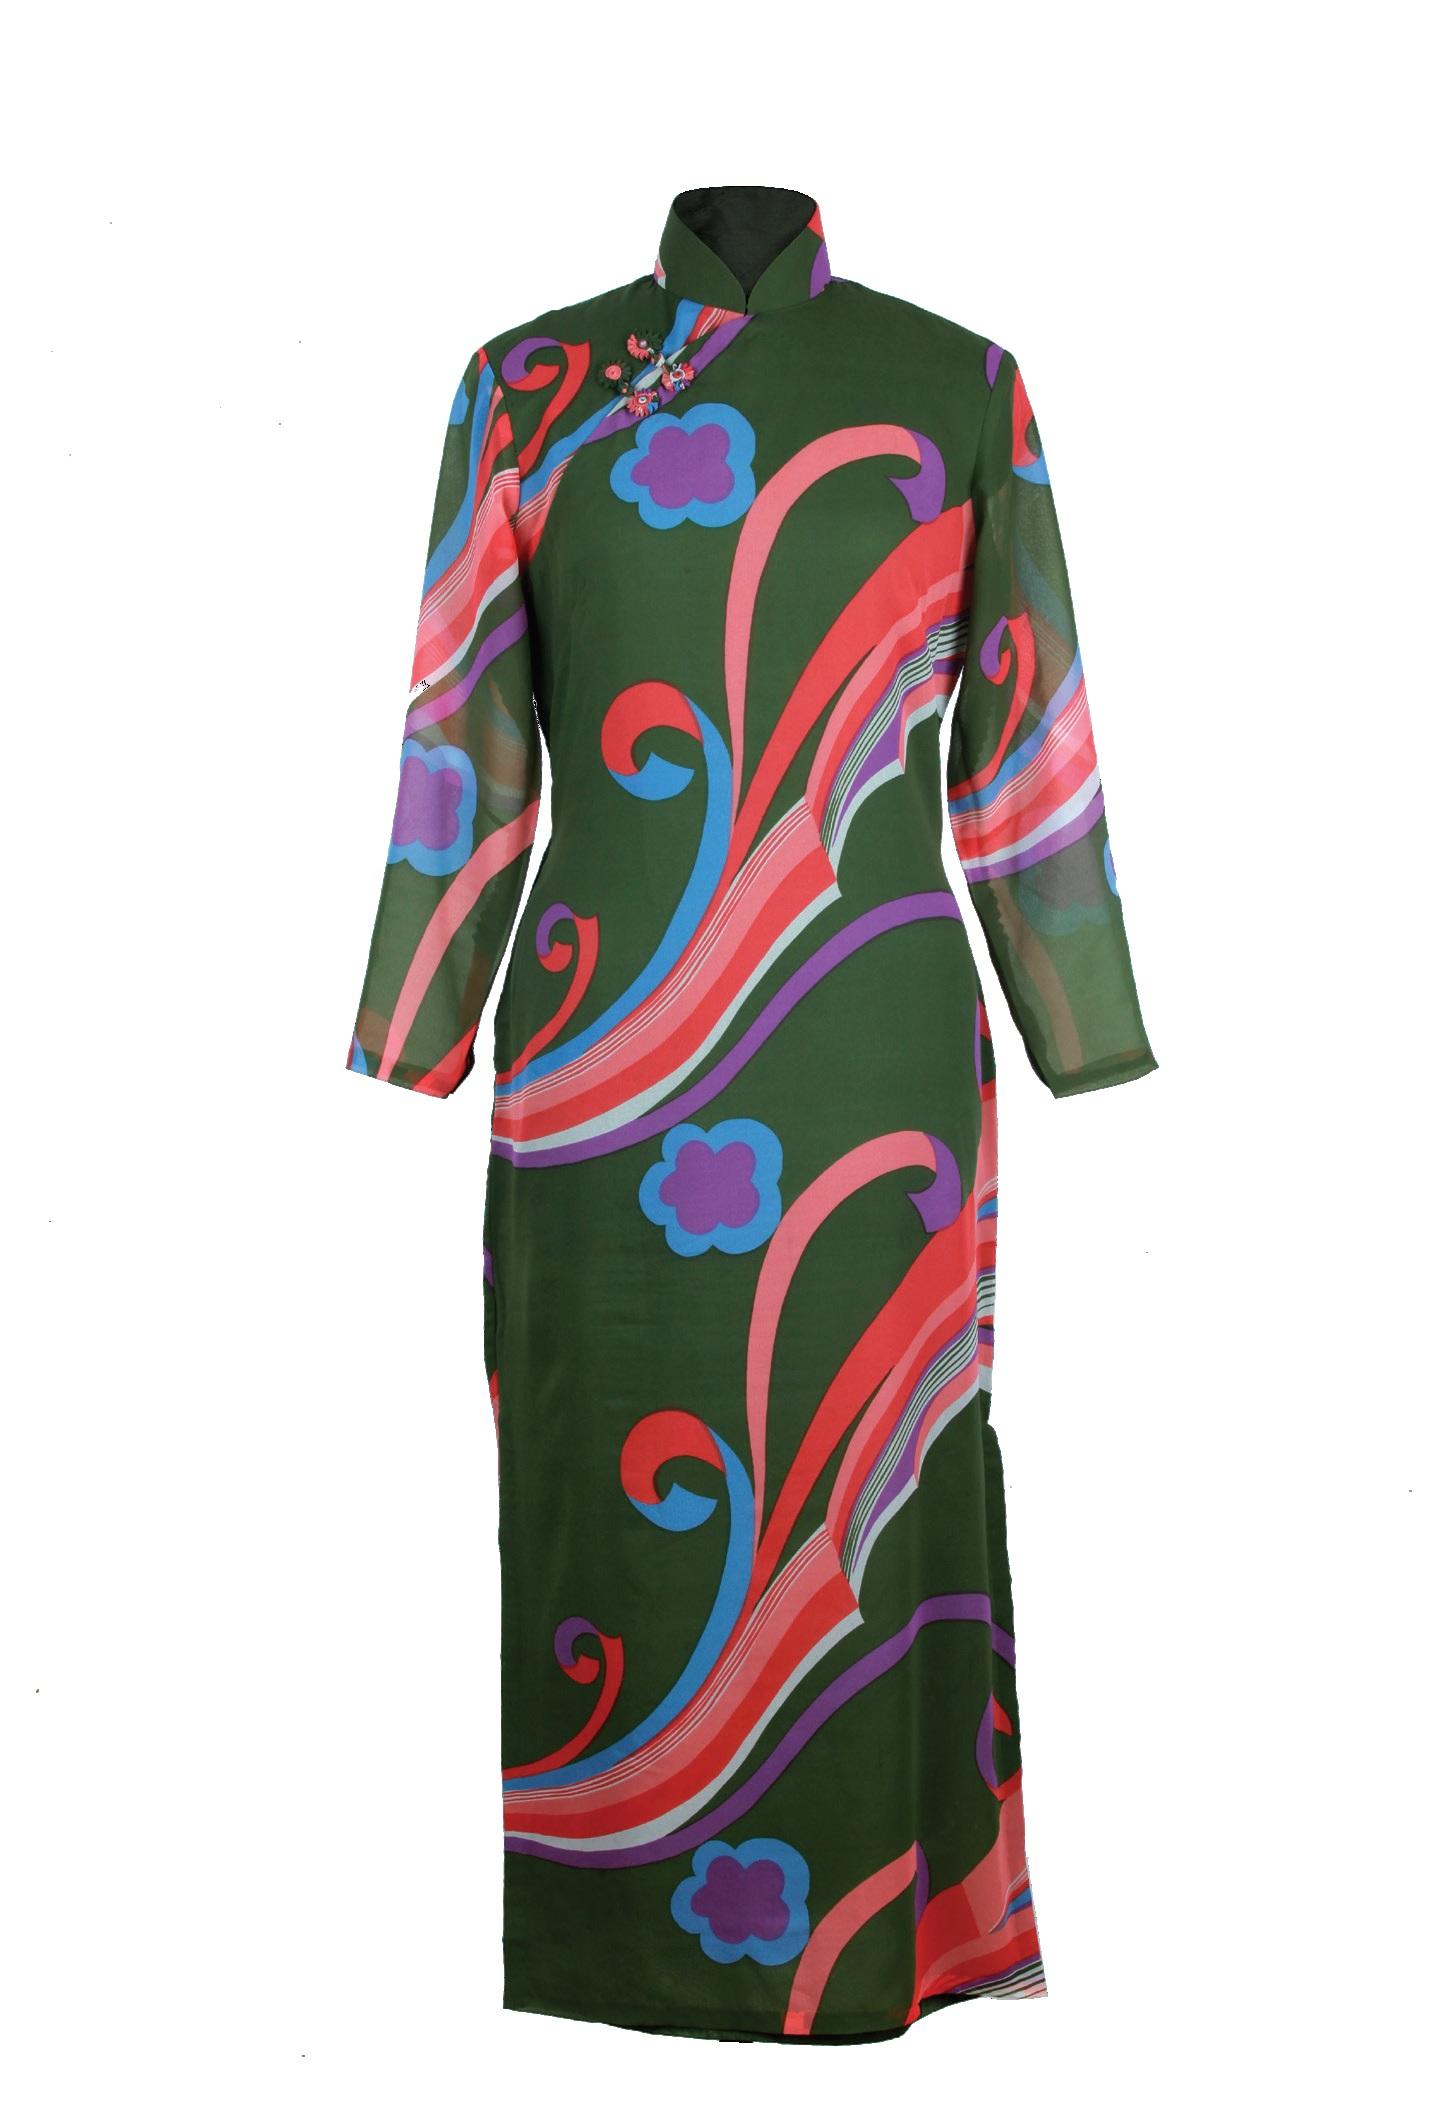 綠地印花紡長袖旗袍「海上の明月、軽い裾に風を追う-江南の貴族と海派チャイナドレス」上海大学博物館-海派文化博物館